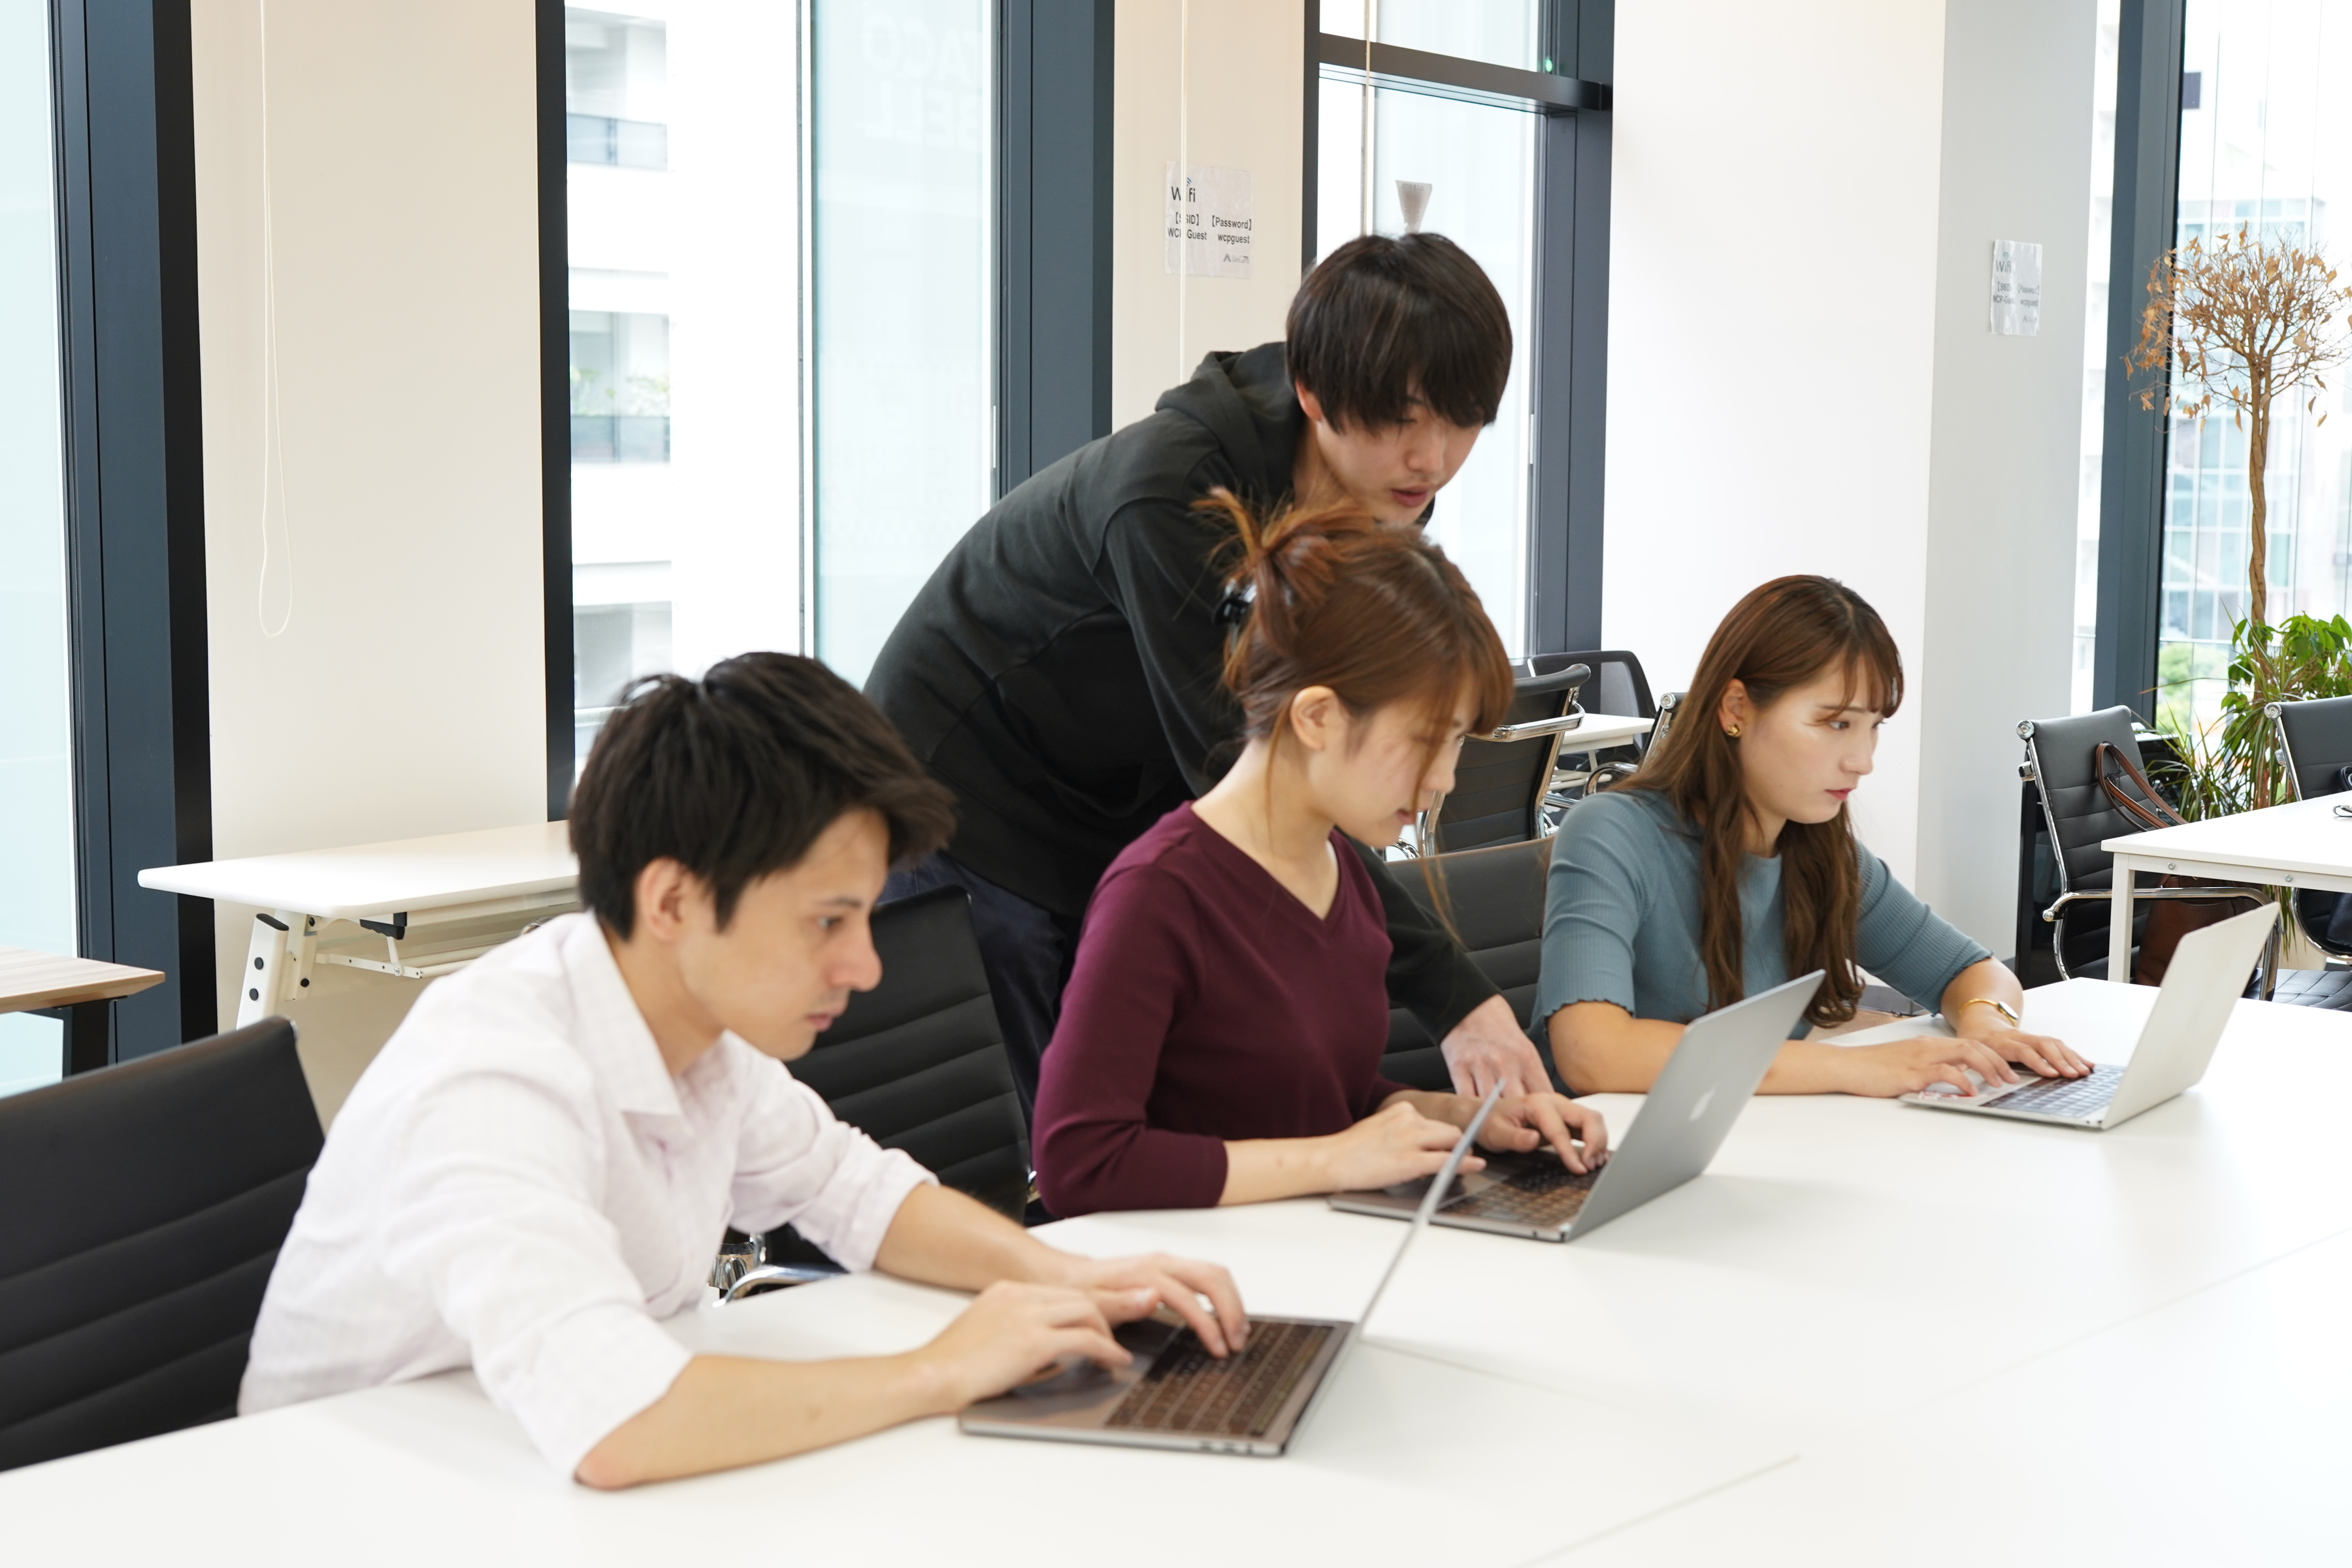 プログラミングスクール「DMM WEBCAMP」!ITエンジニアを育てるメンターをやってくださるフリーランスエンジニア募集!(東京)